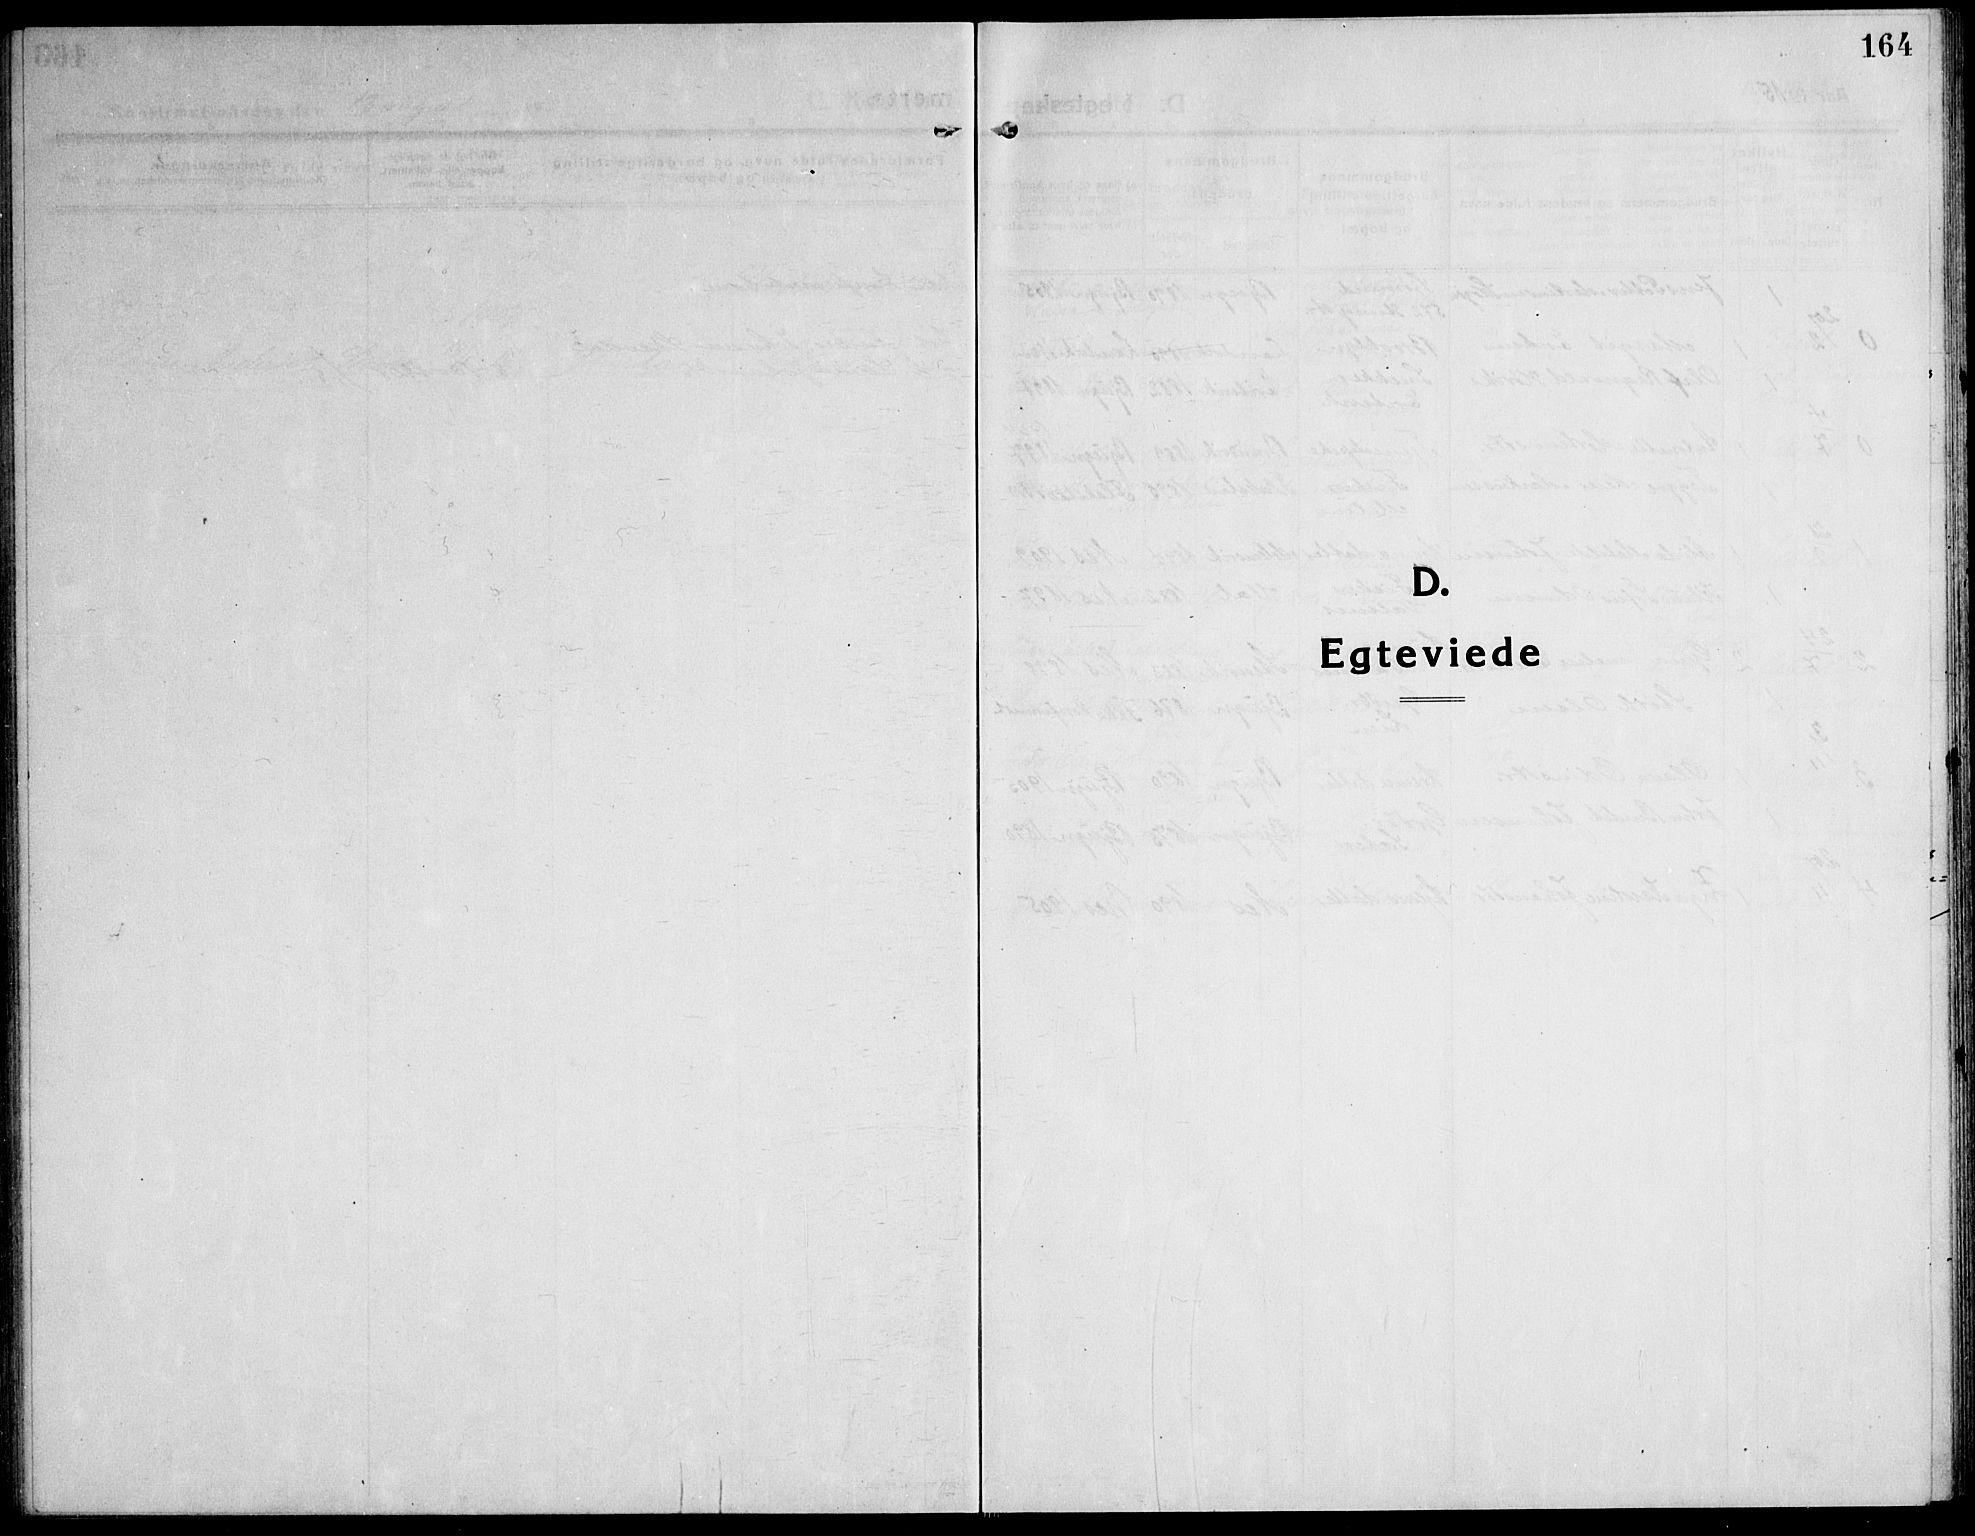 SAT, Ministerialprotokoller, klokkerbøker og fødselsregistre - Sør-Trøndelag, 651/L0648: Klokkerbok nr. 651C02, 1915-1945, s. 164